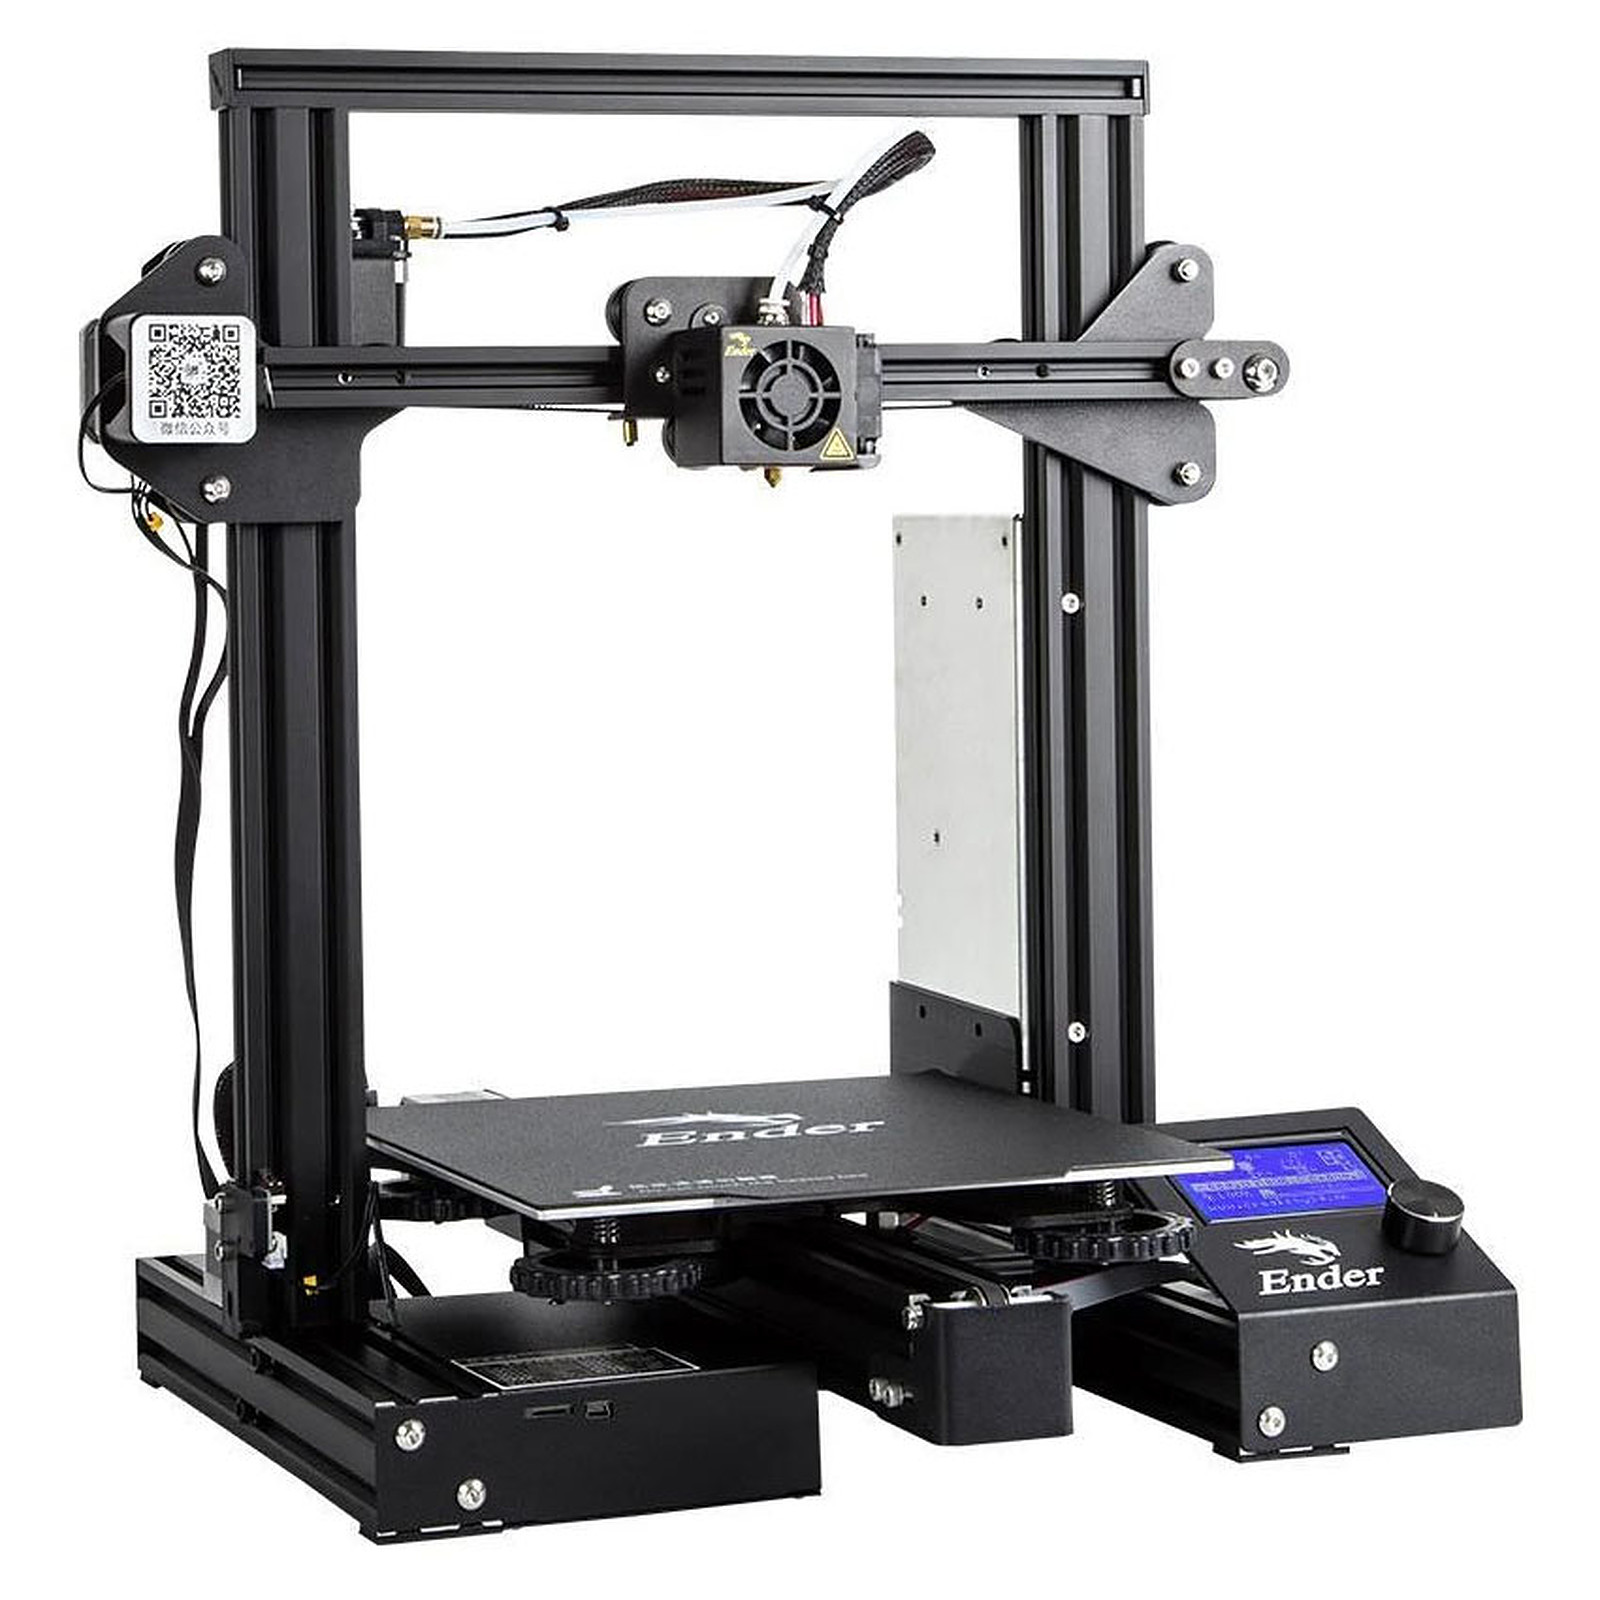 Creality 3D Ender 3 pro - Imprimante 3D Creality 3D sur LDLC